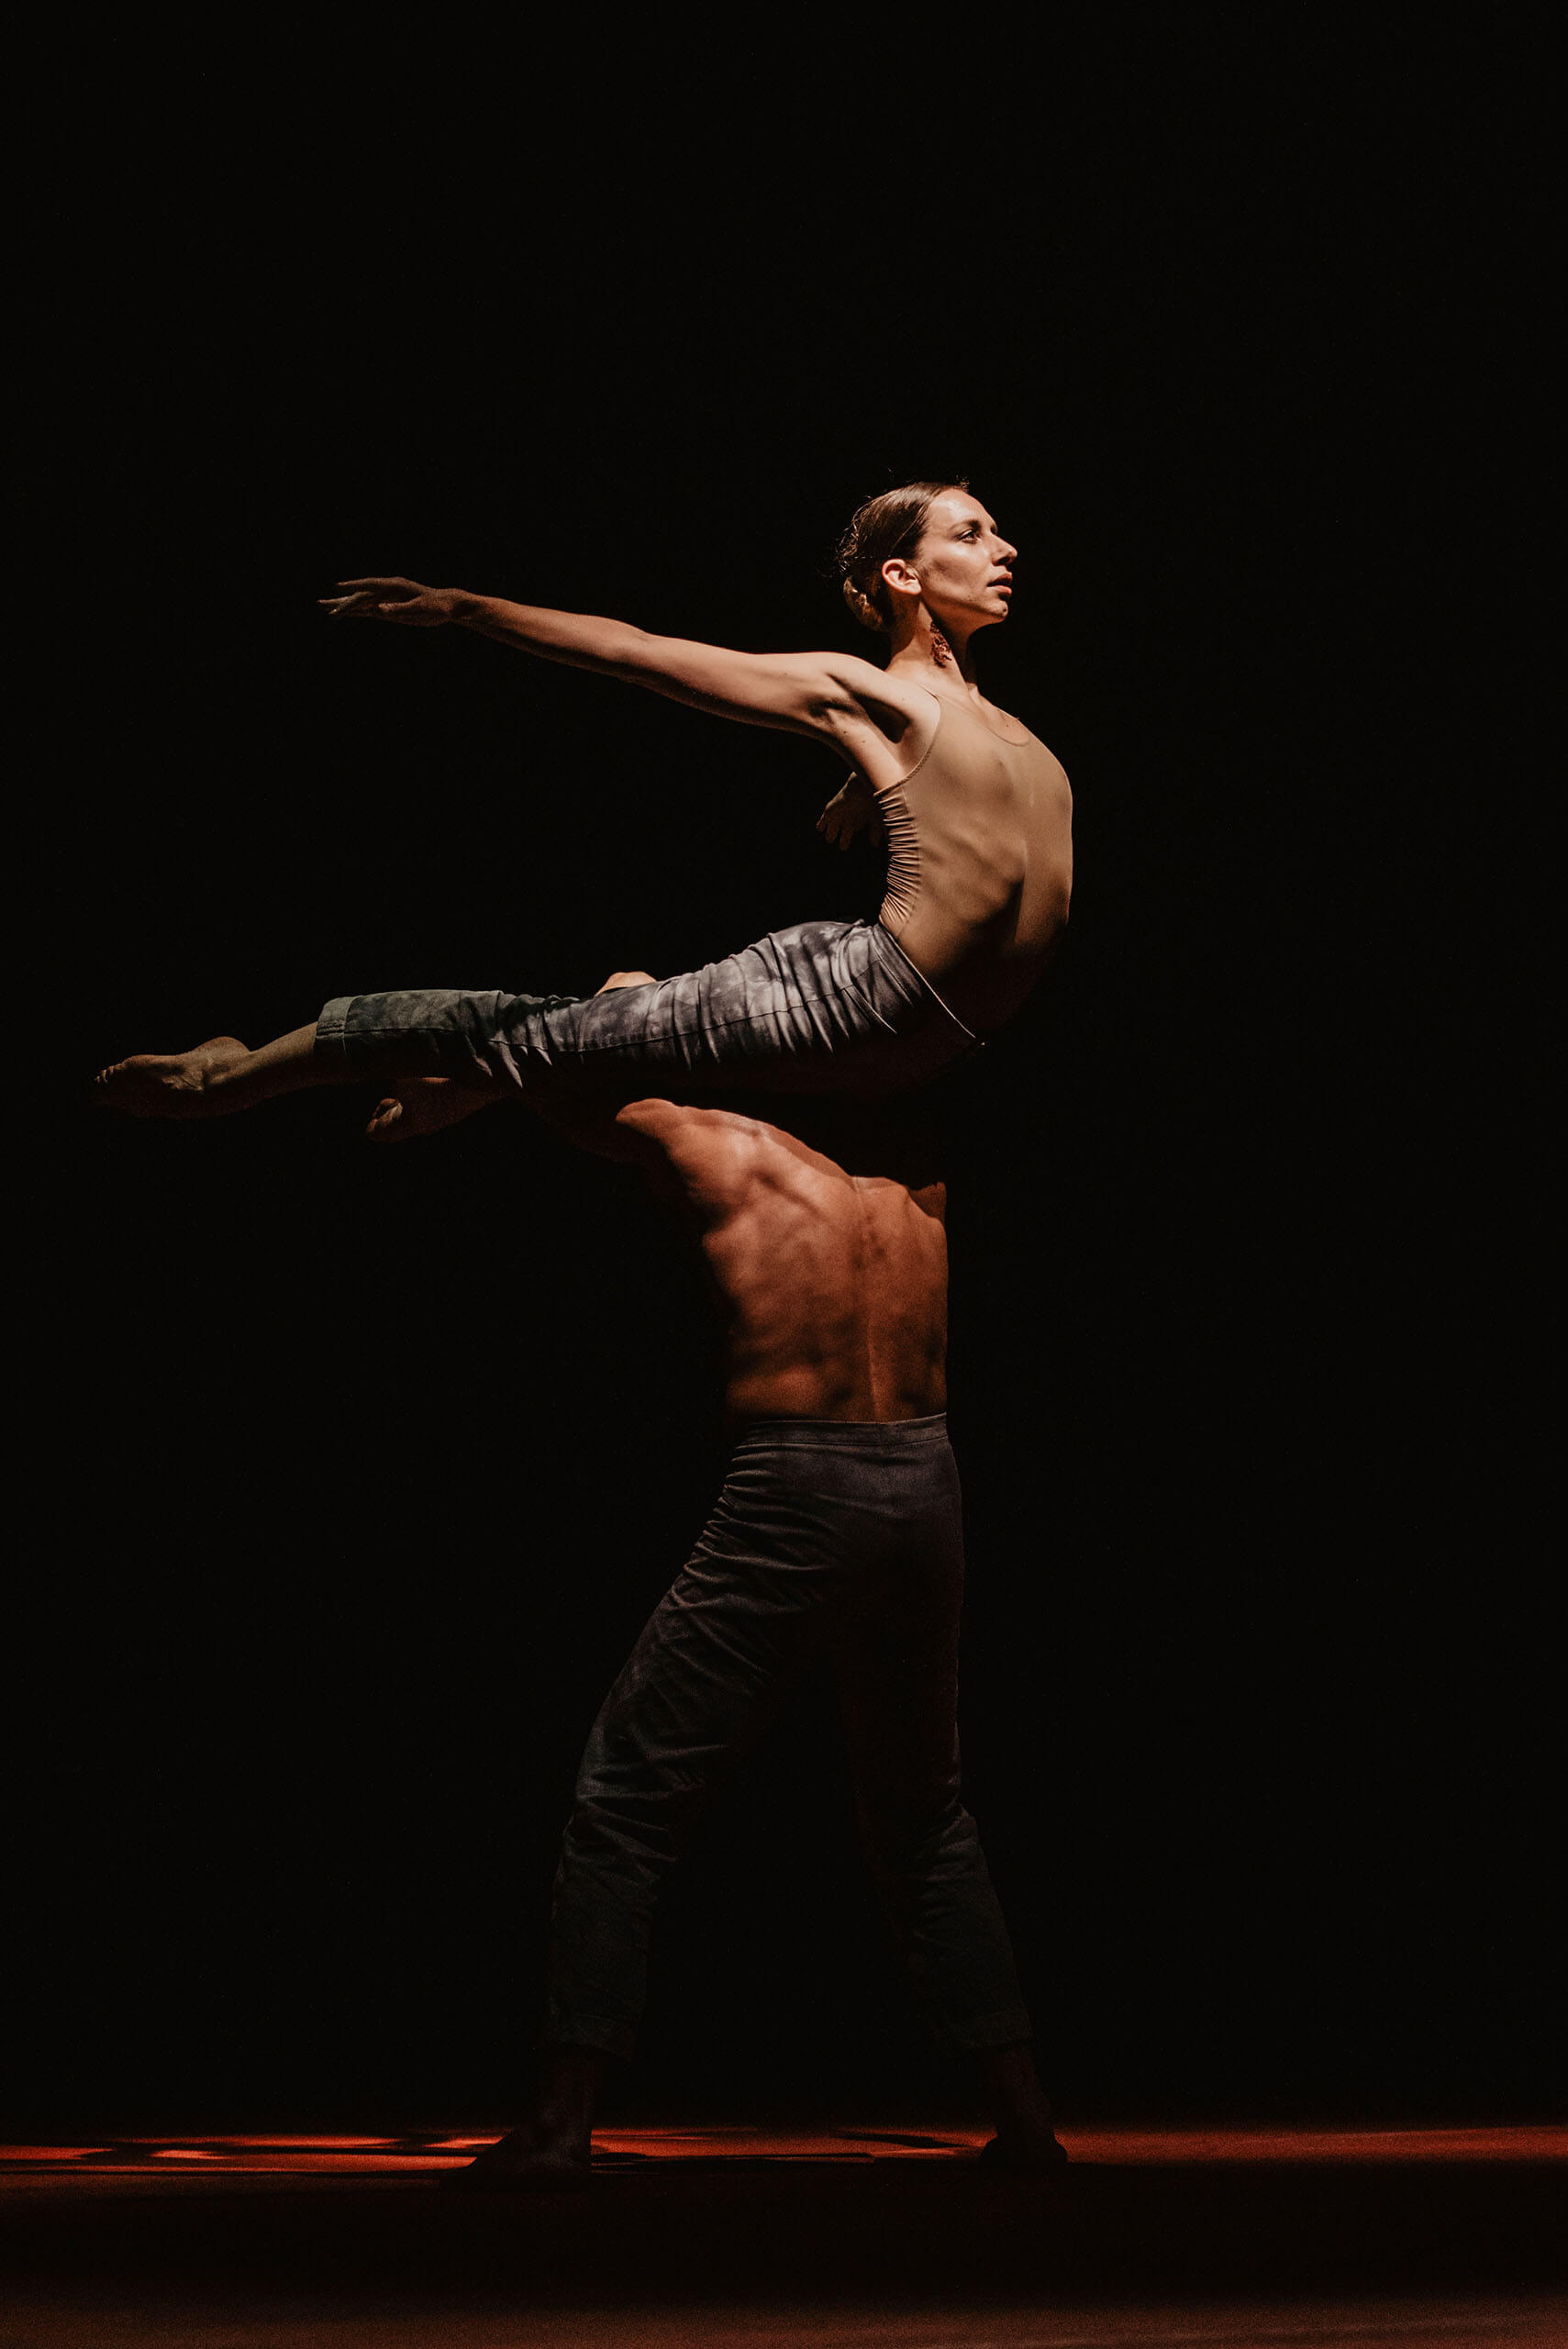 theaterfotografie dans overijssel artiesten introdans